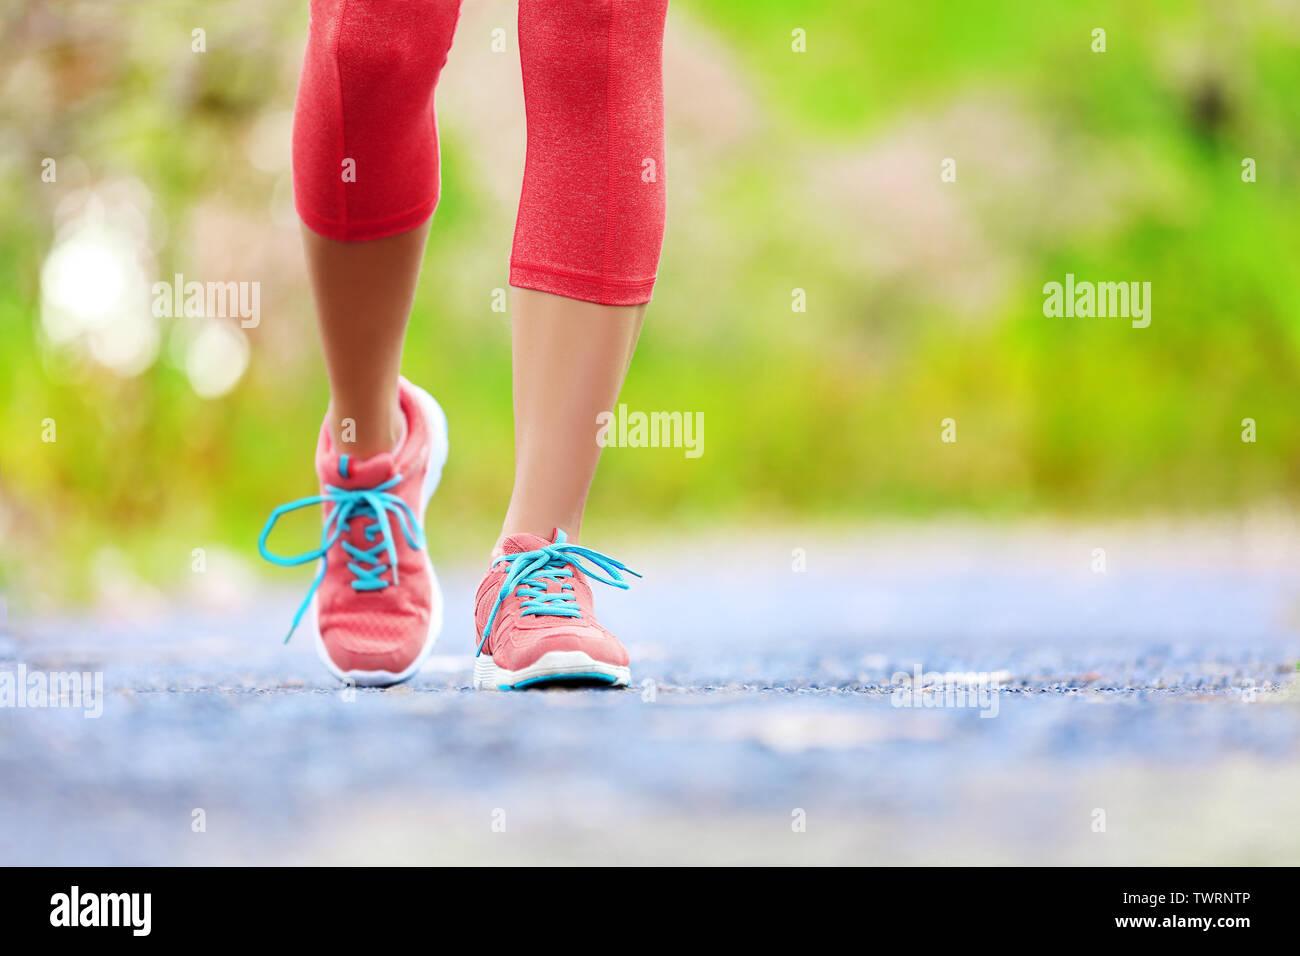 Trotar mujer con piernas atléticas y zapatos para correr. Mujeres caminando por senderos de bosque en concepto de estilo de vida saludable con hasta cerrar en zapatos para correr. La atleta femenina formación emparejador afuera. Foto de stock